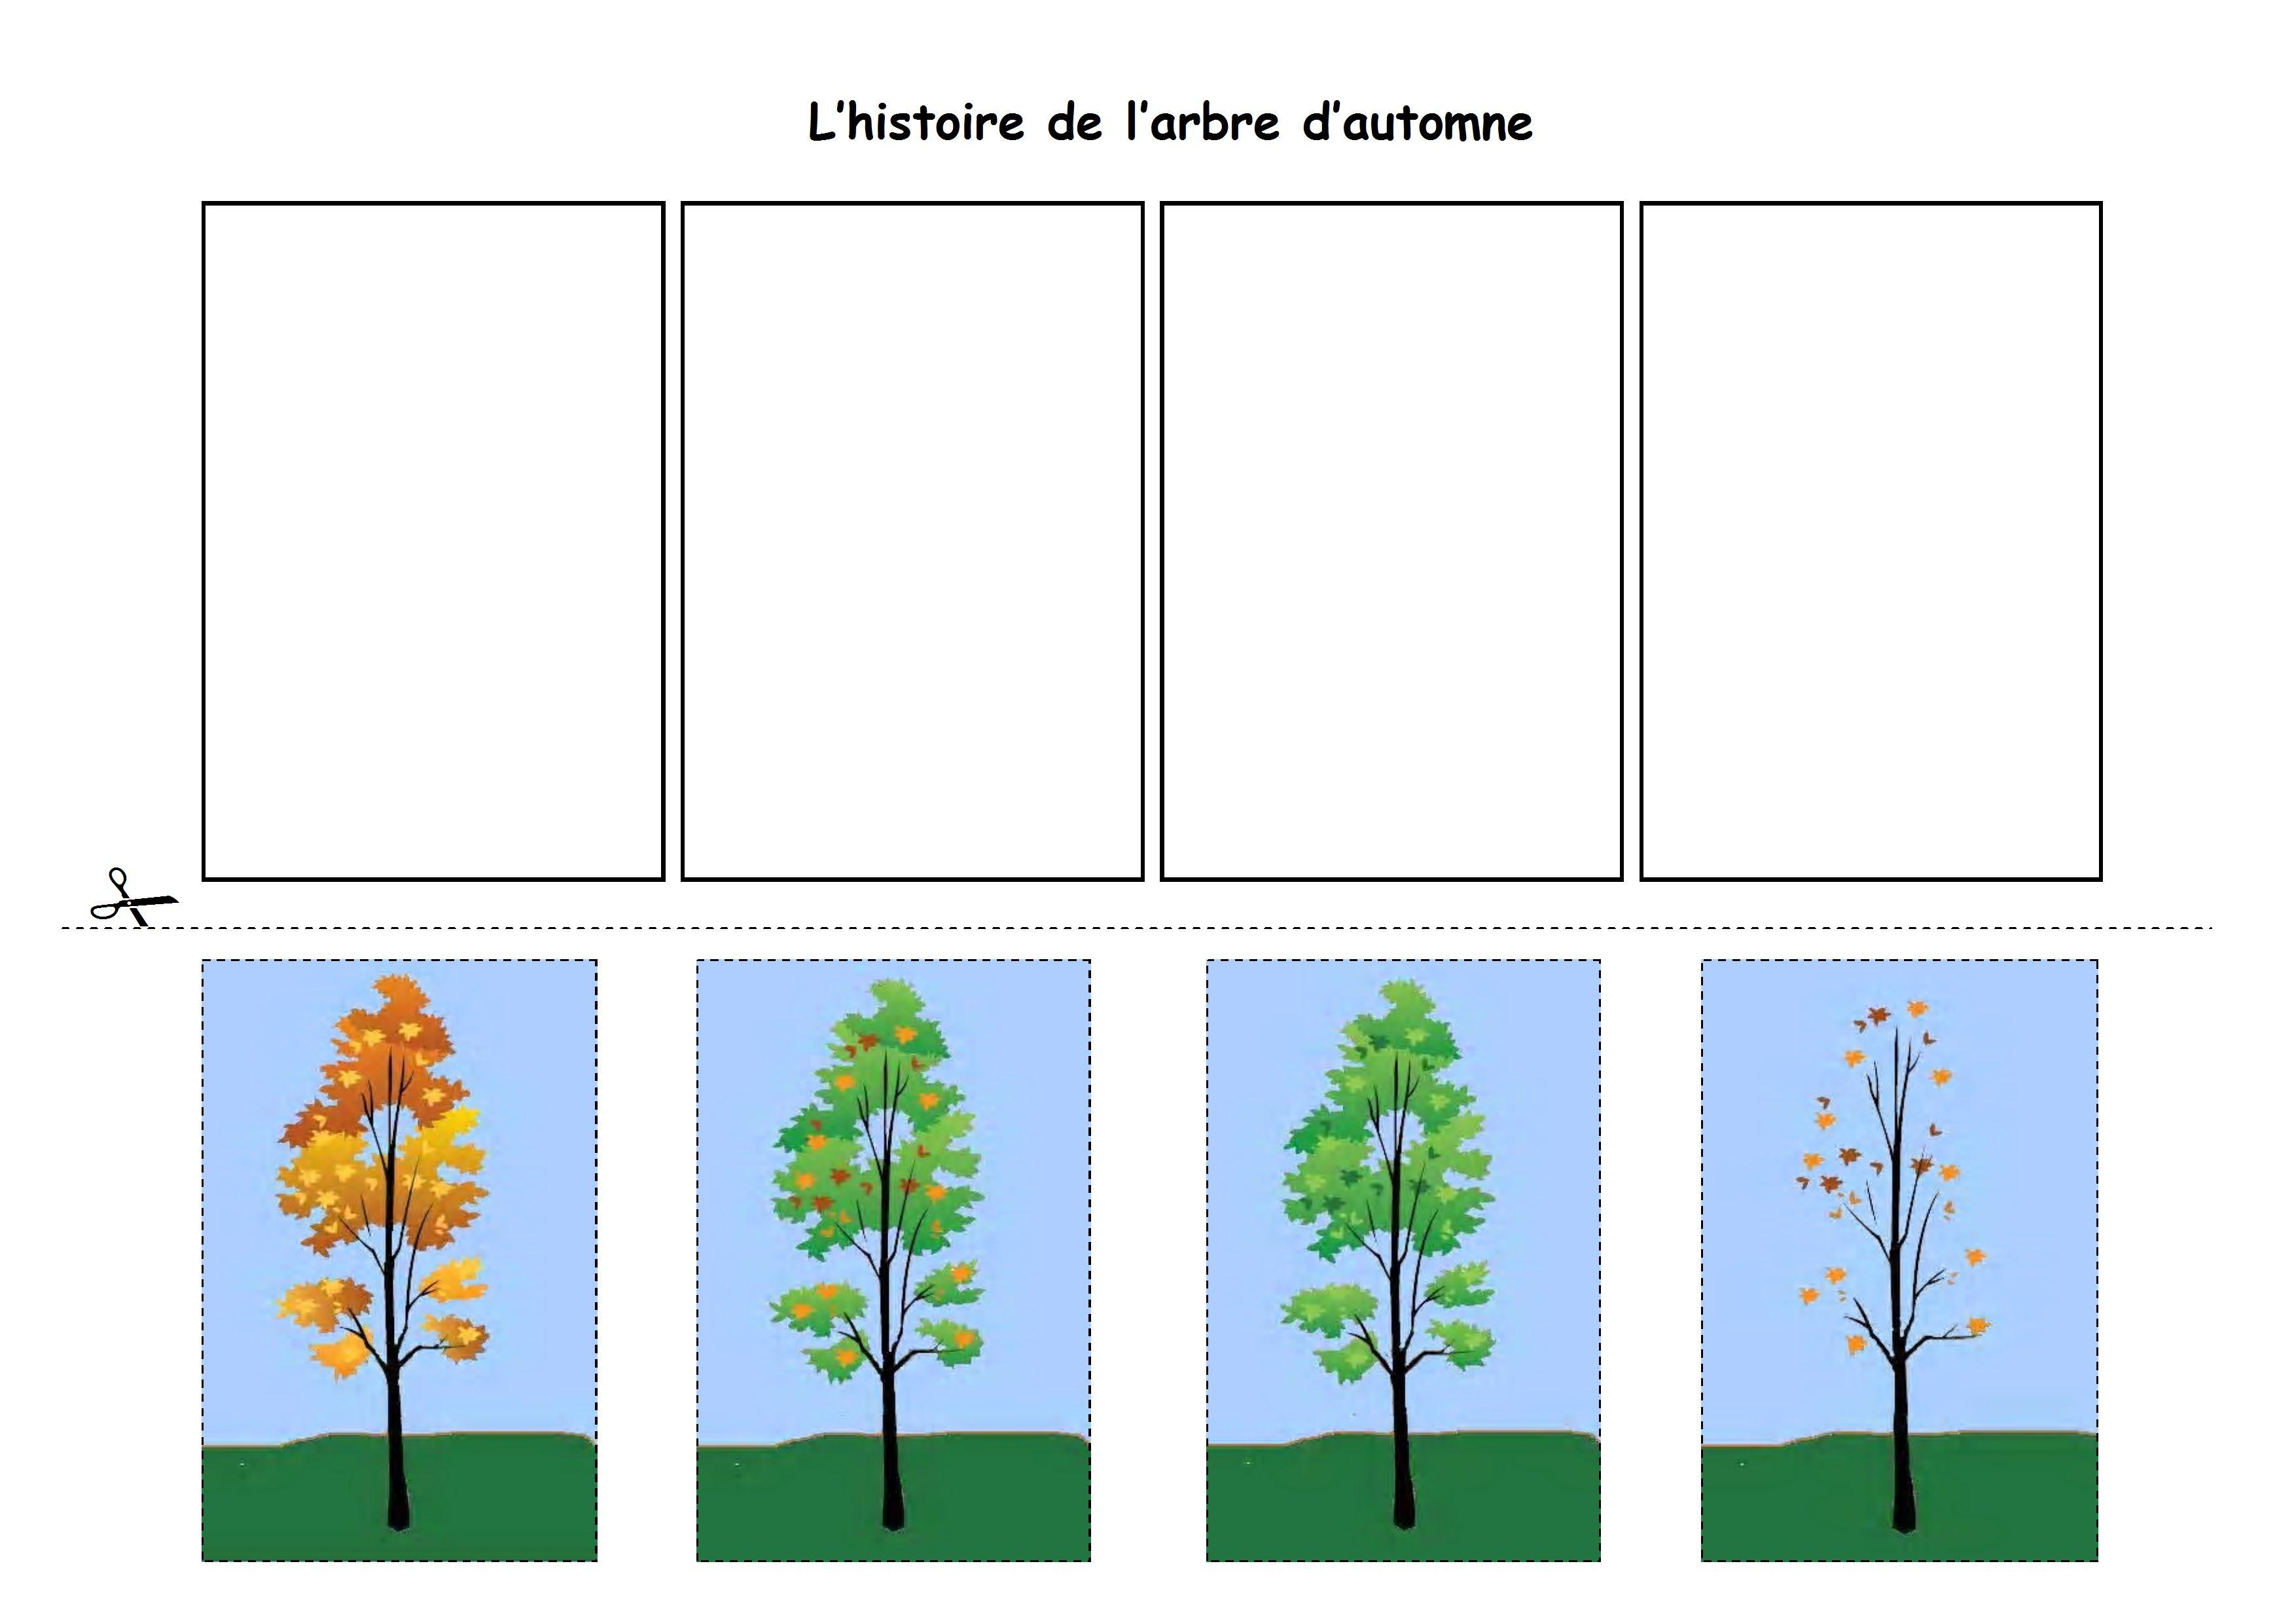 Histoire de l'arbre d'automne